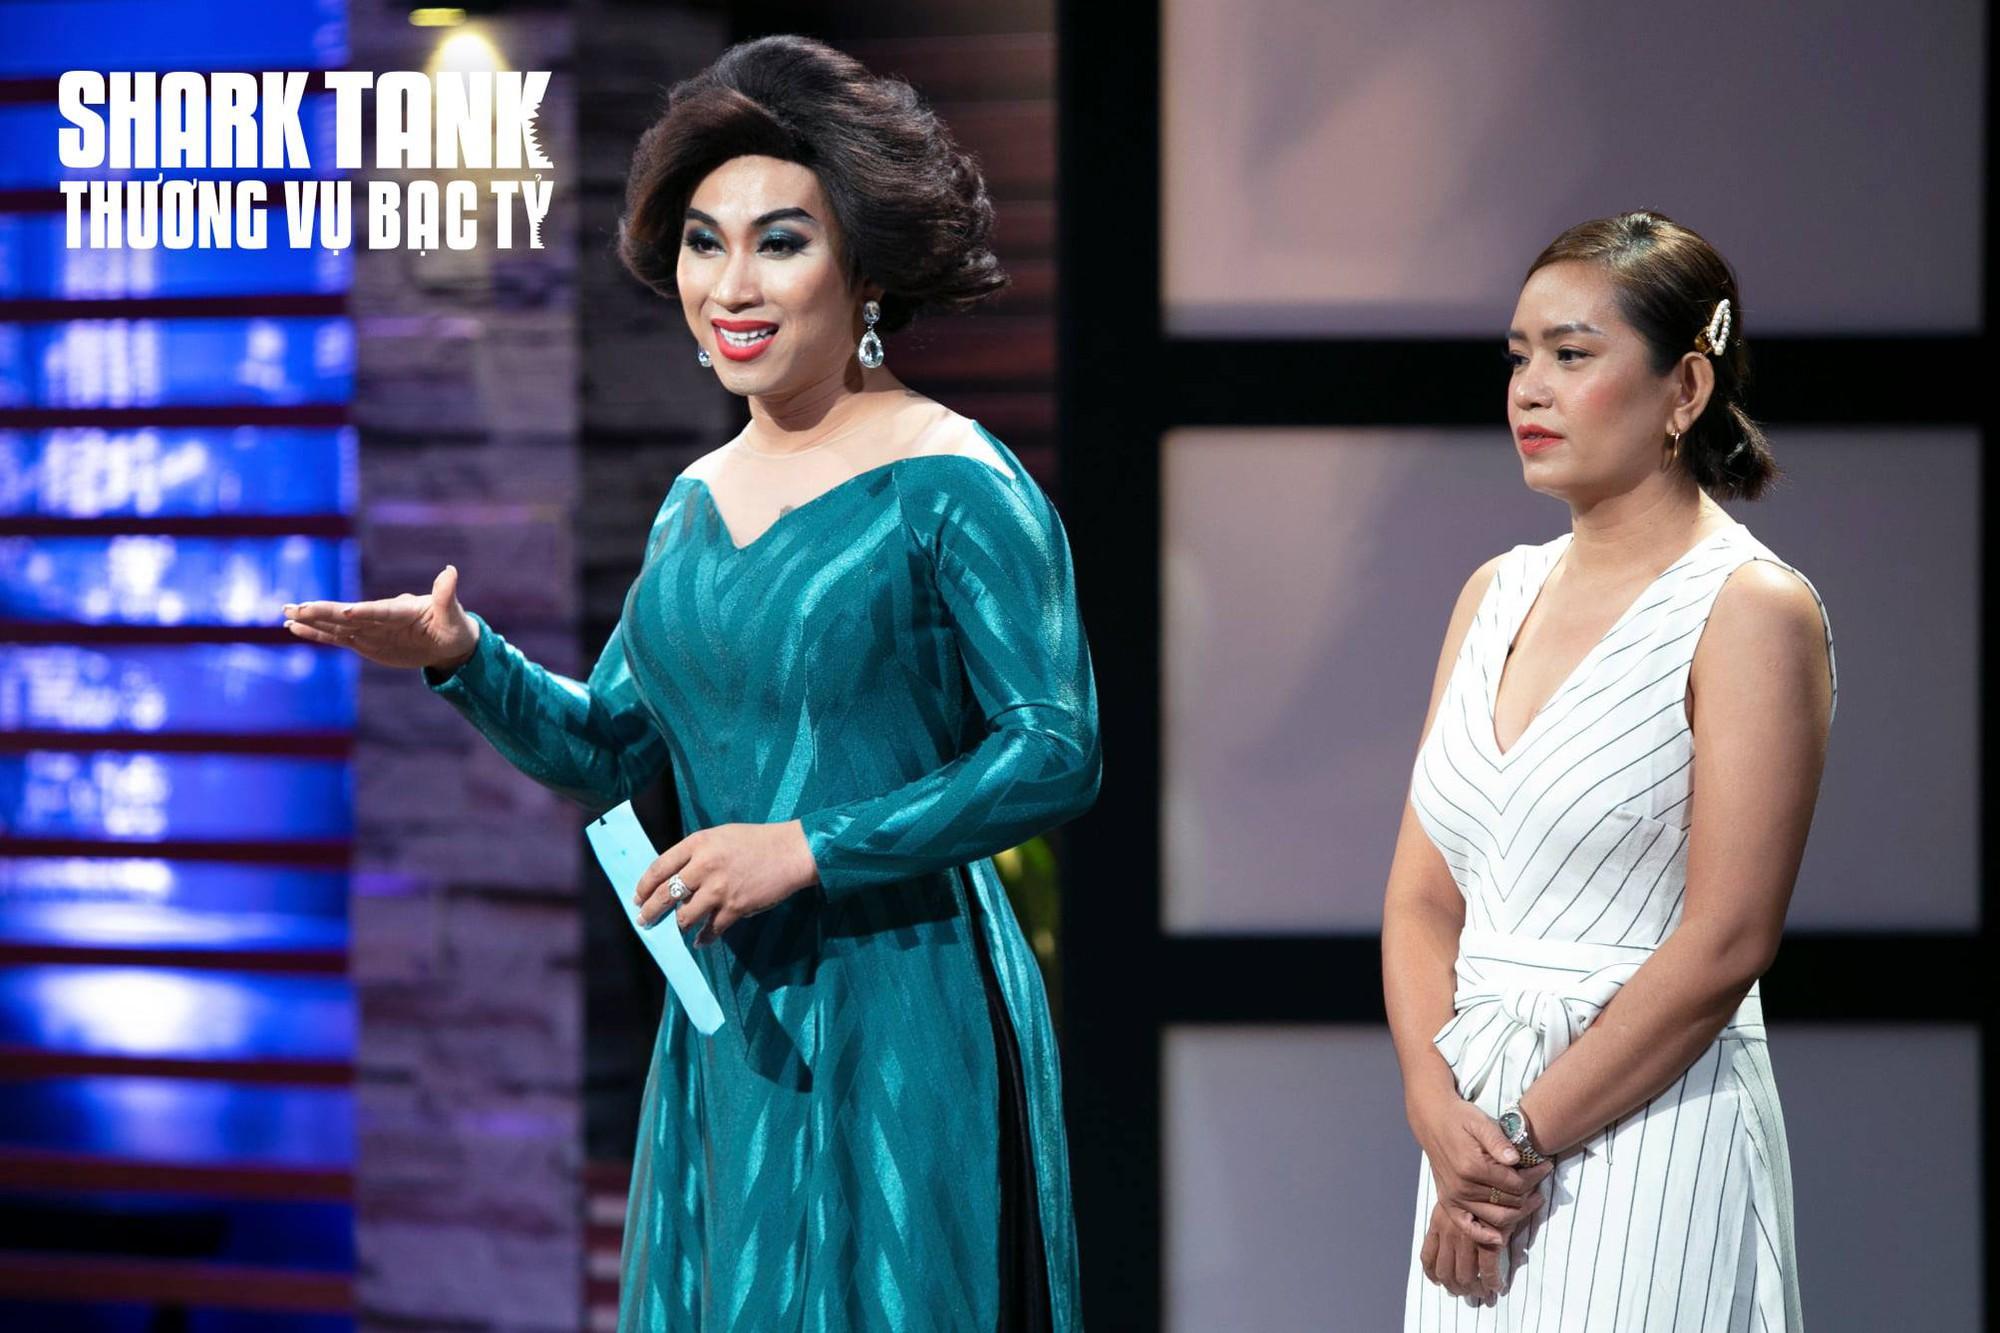 Ca sĩ lô tô khiến nữ doanh nhân Đỗ Kim Liên đầu tư 'phi lợi nhuận' trên Shark Tank Việt Nam - Ảnh 1.